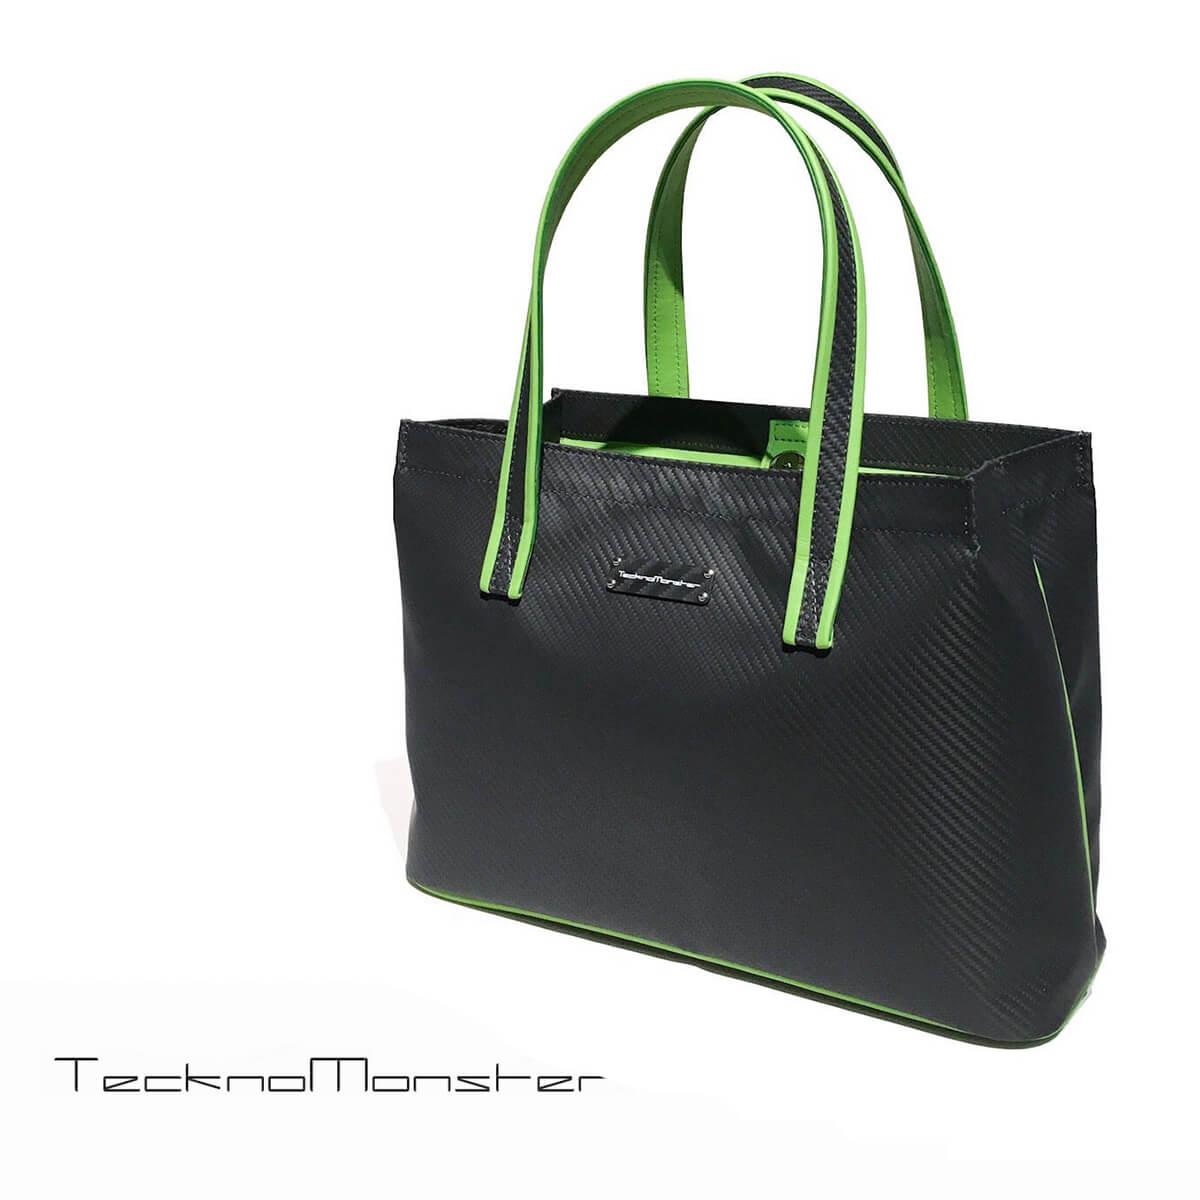 TecknoMonster (テクノモンスター)ミニトートバッグ ハンドバッグ カーボンファイバー カーフレザー ライトグリーン